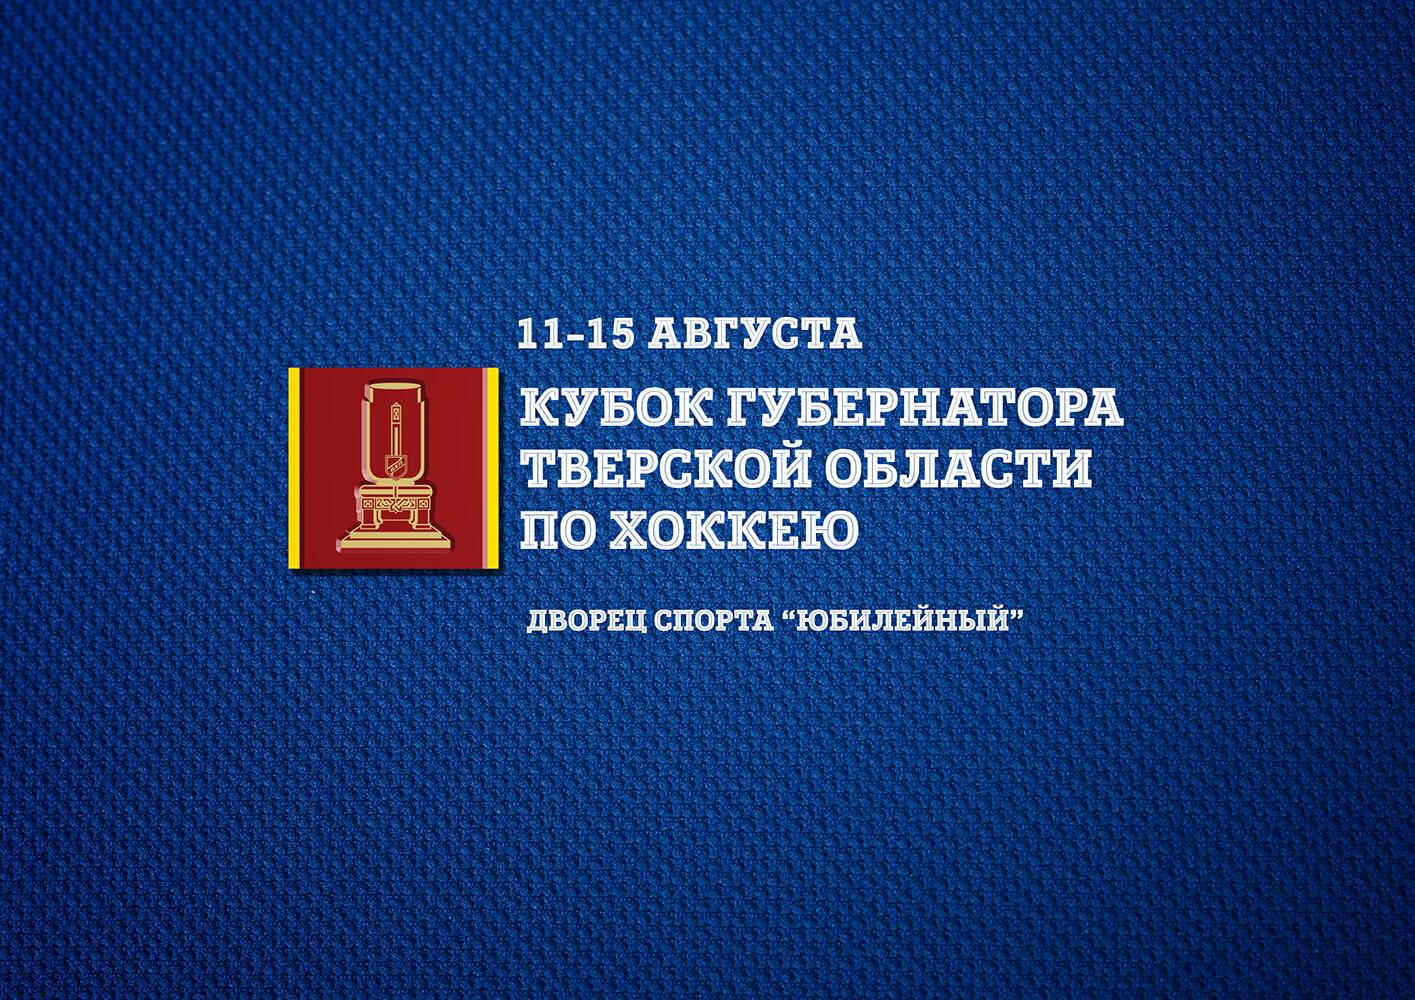 Внесены изменения в регламент турнира на Кубок Губернатора Тверской области по хоккею